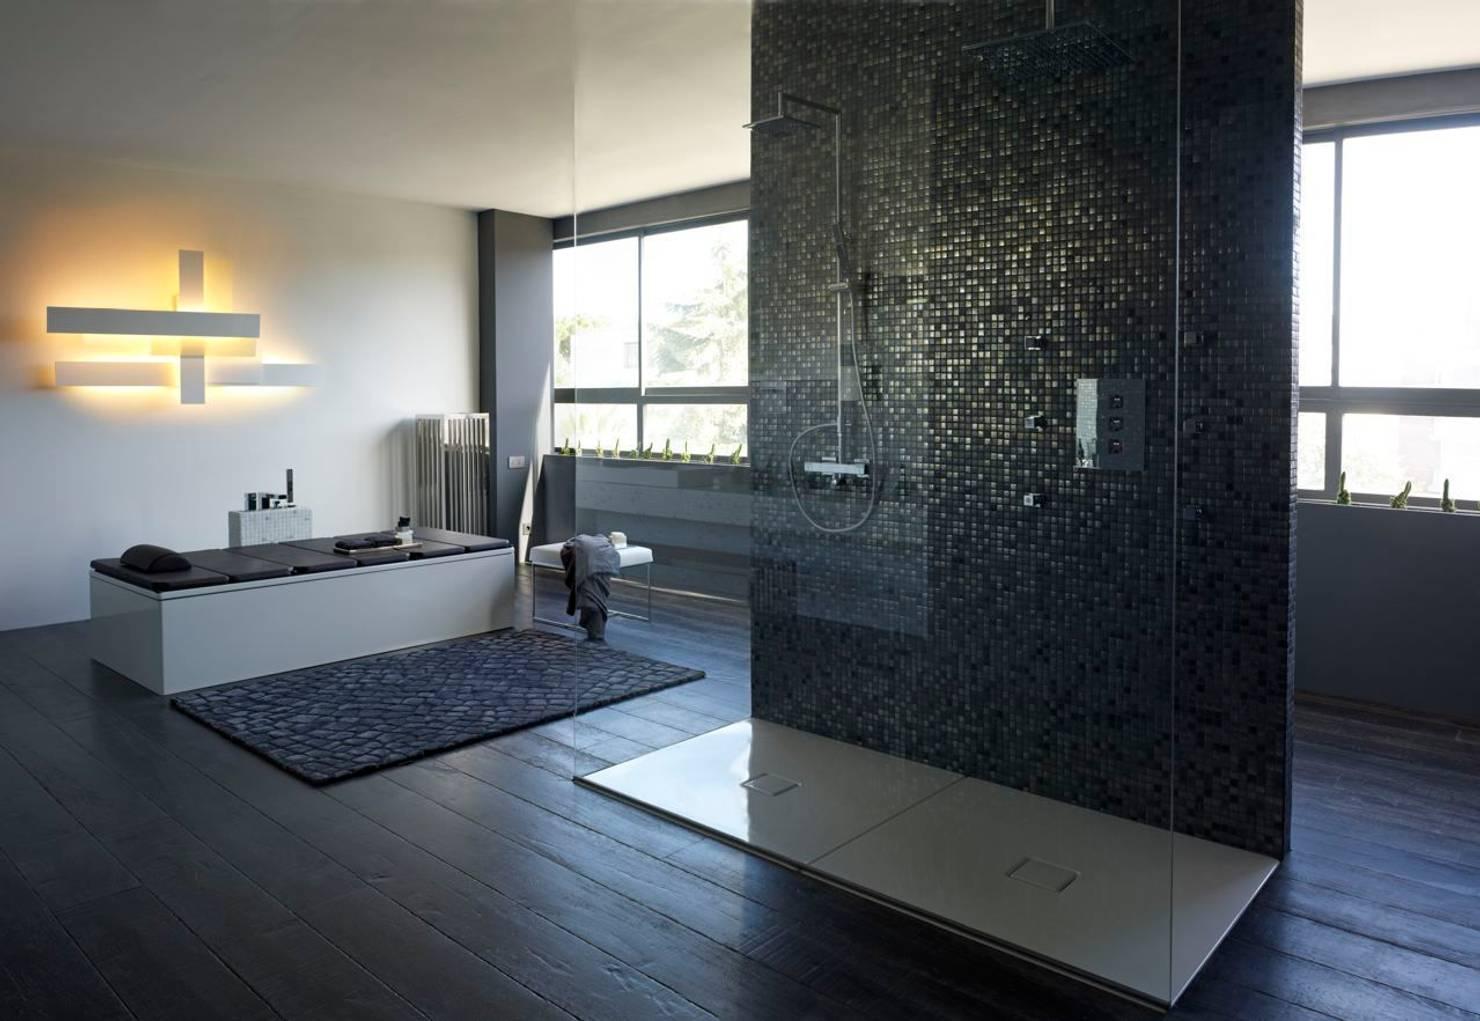 Badtrends: Diese 10 bodengleichen Duschen sind wirklich außergewöhnlich!